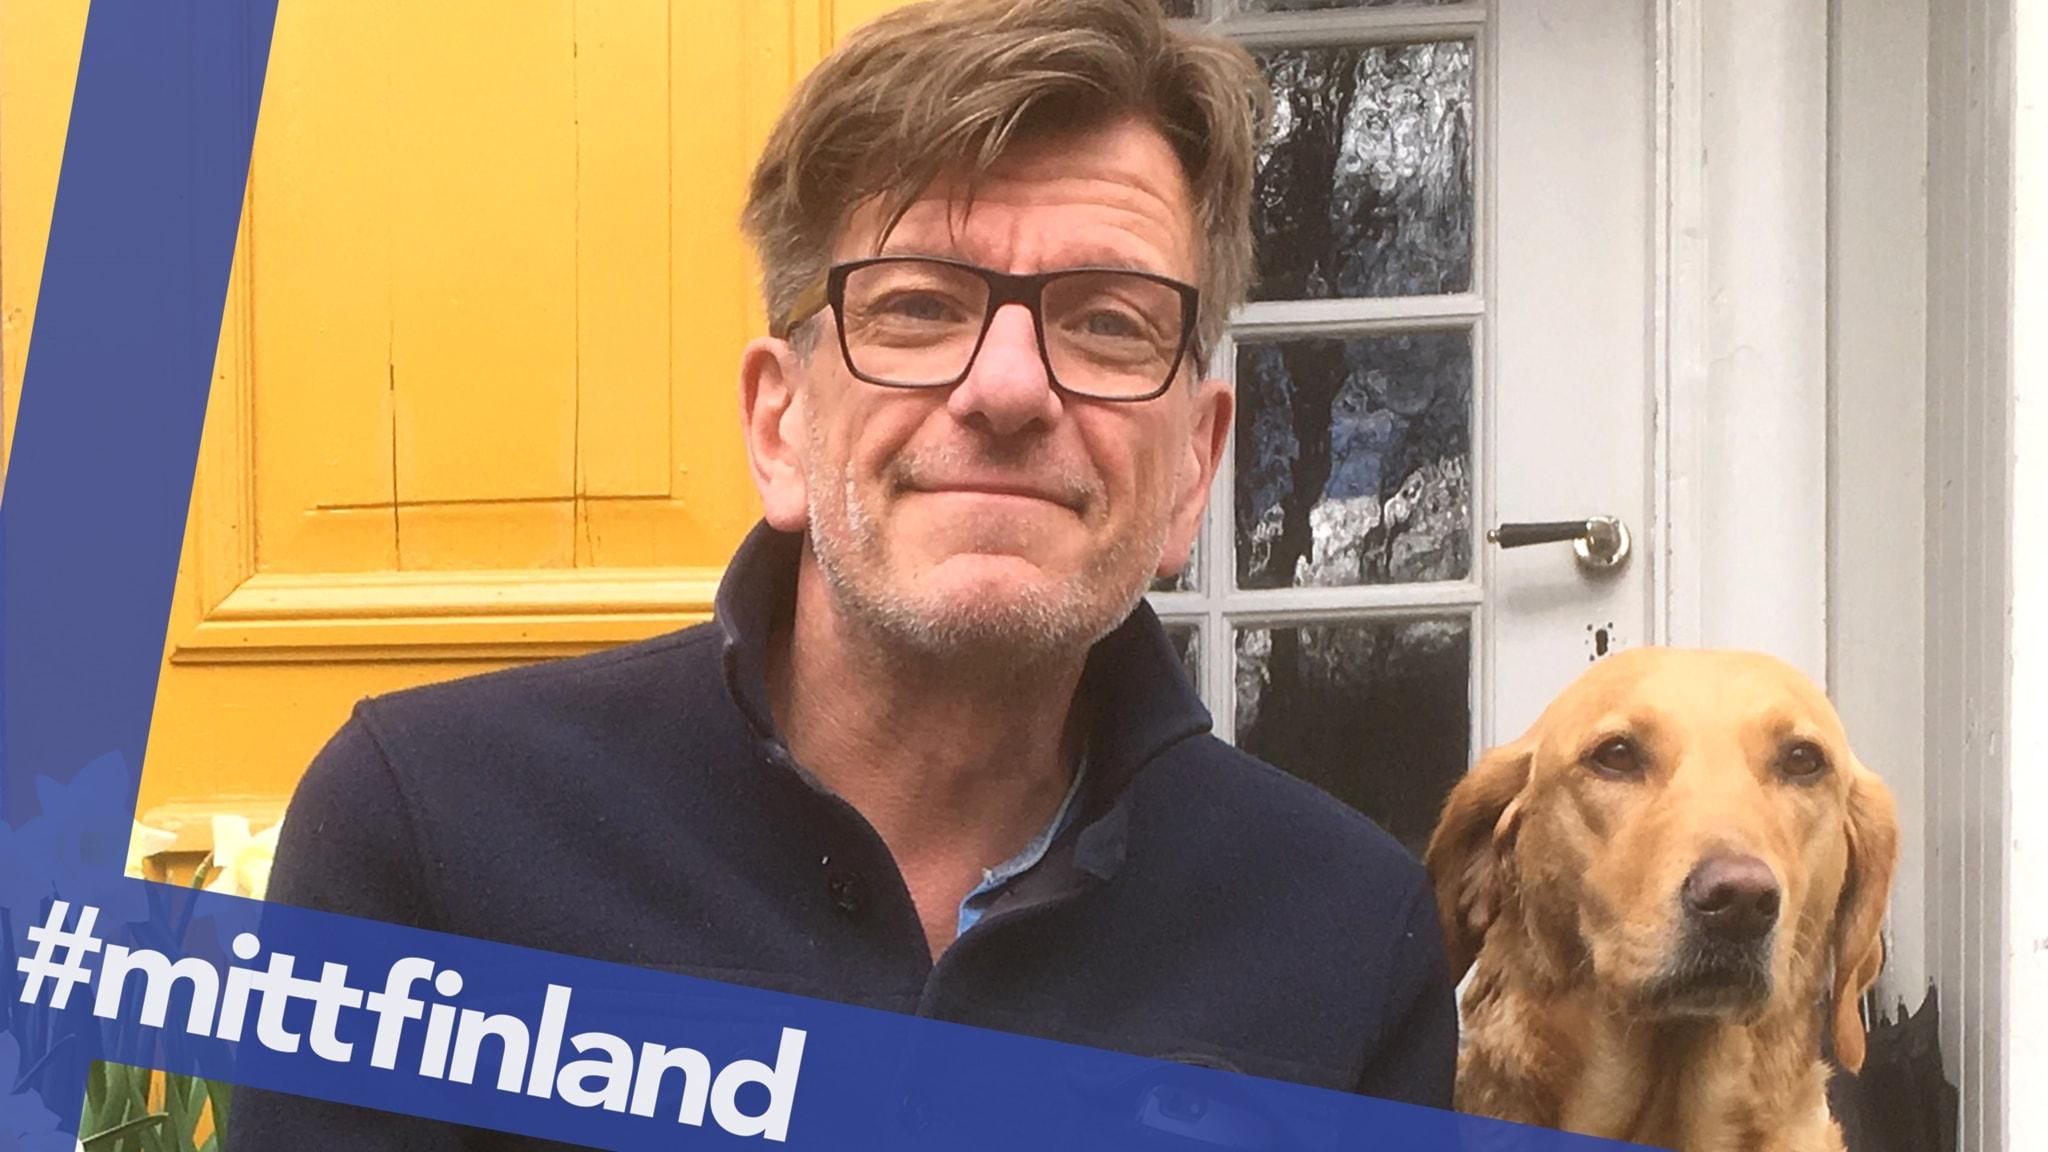 mittfinland Hannu Sarenström